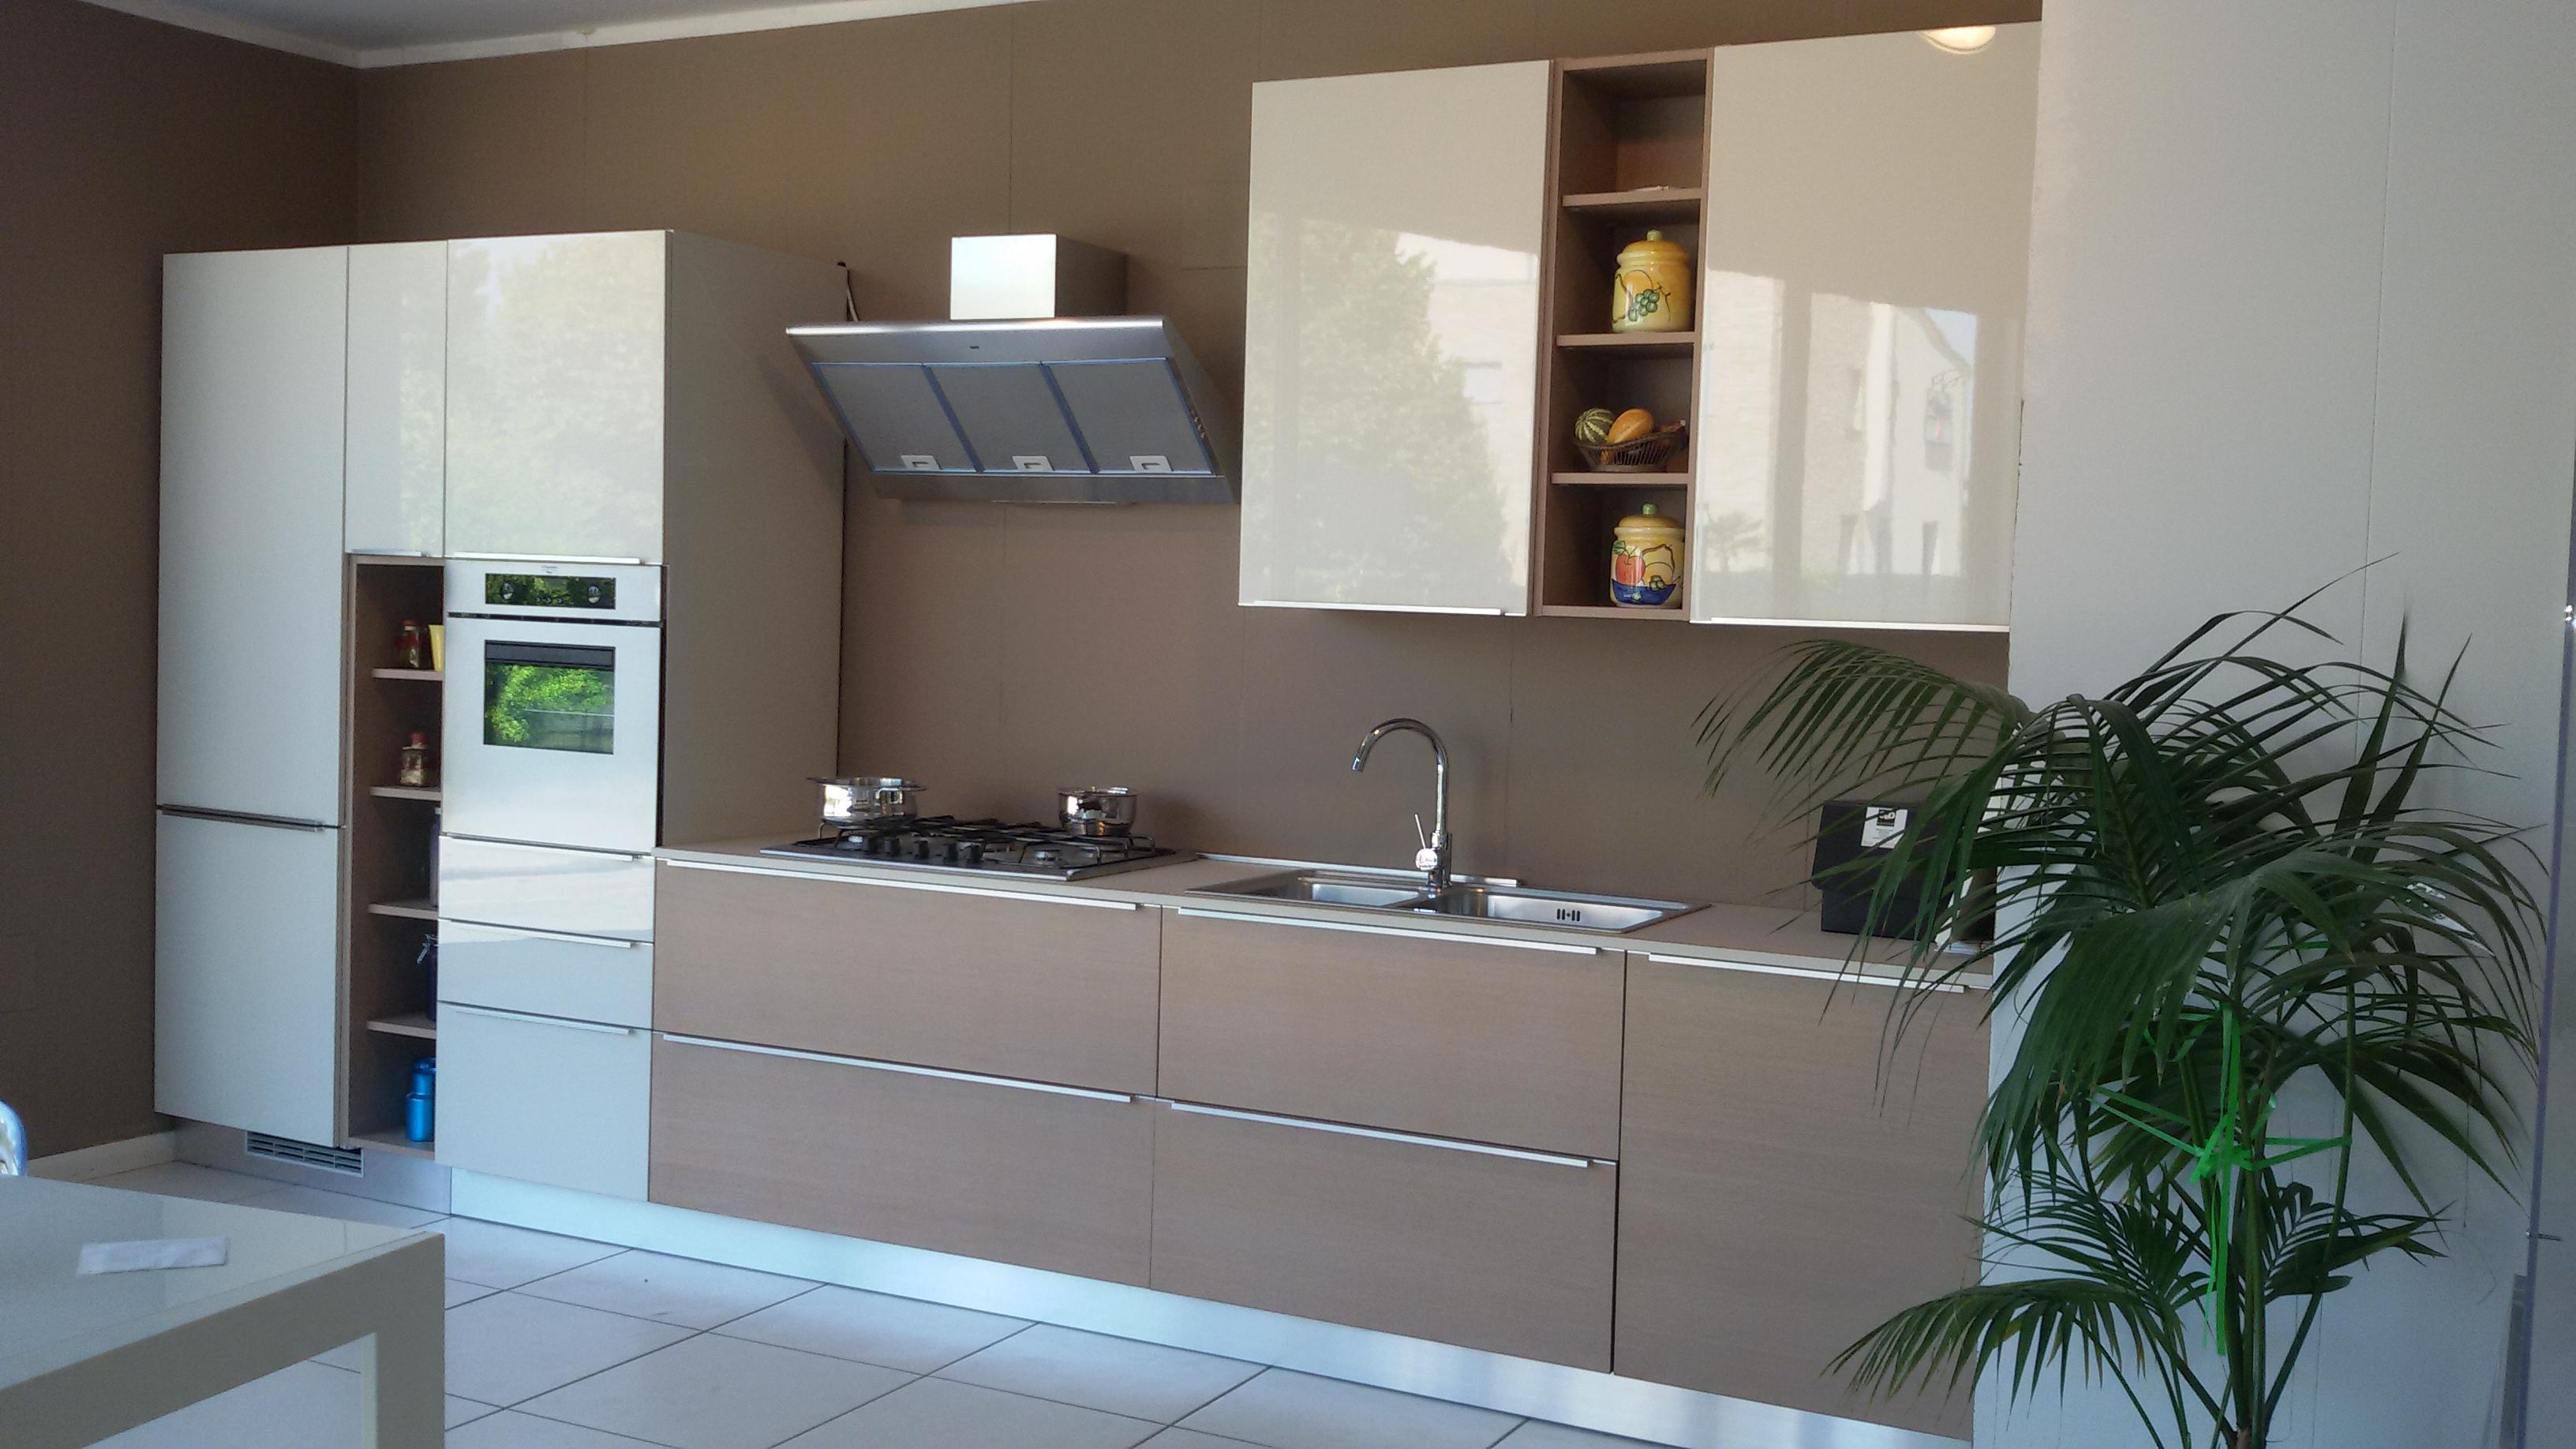 Cucine bianche e legno cucina modello virginia telaio e - Cucina bianca e legno ...